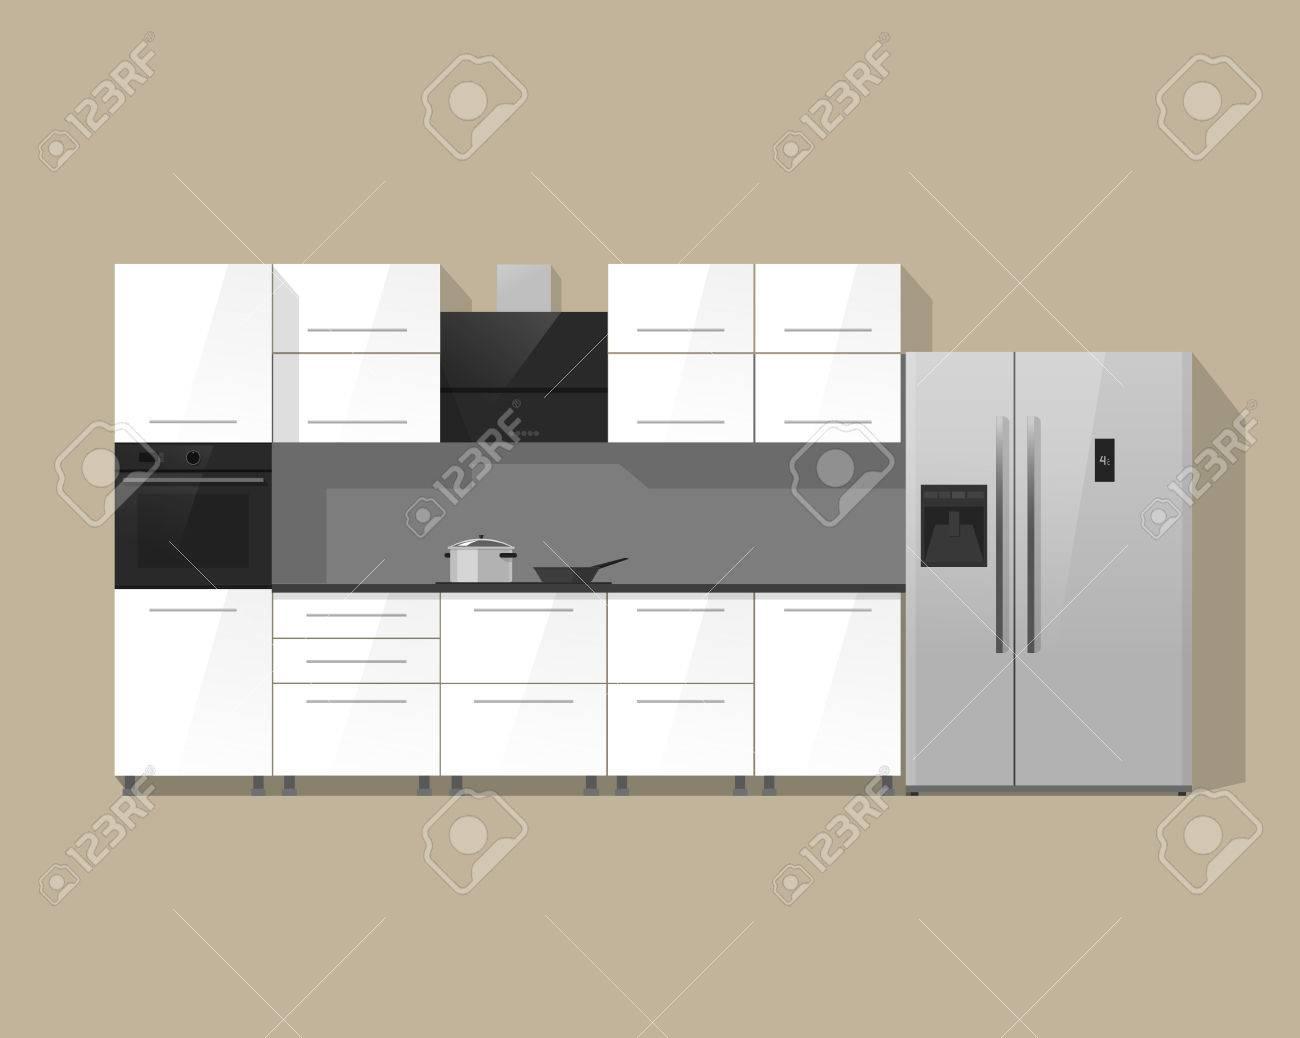 キッチン家具キャビネット ベクトル イラスト背景色黒のオーブン